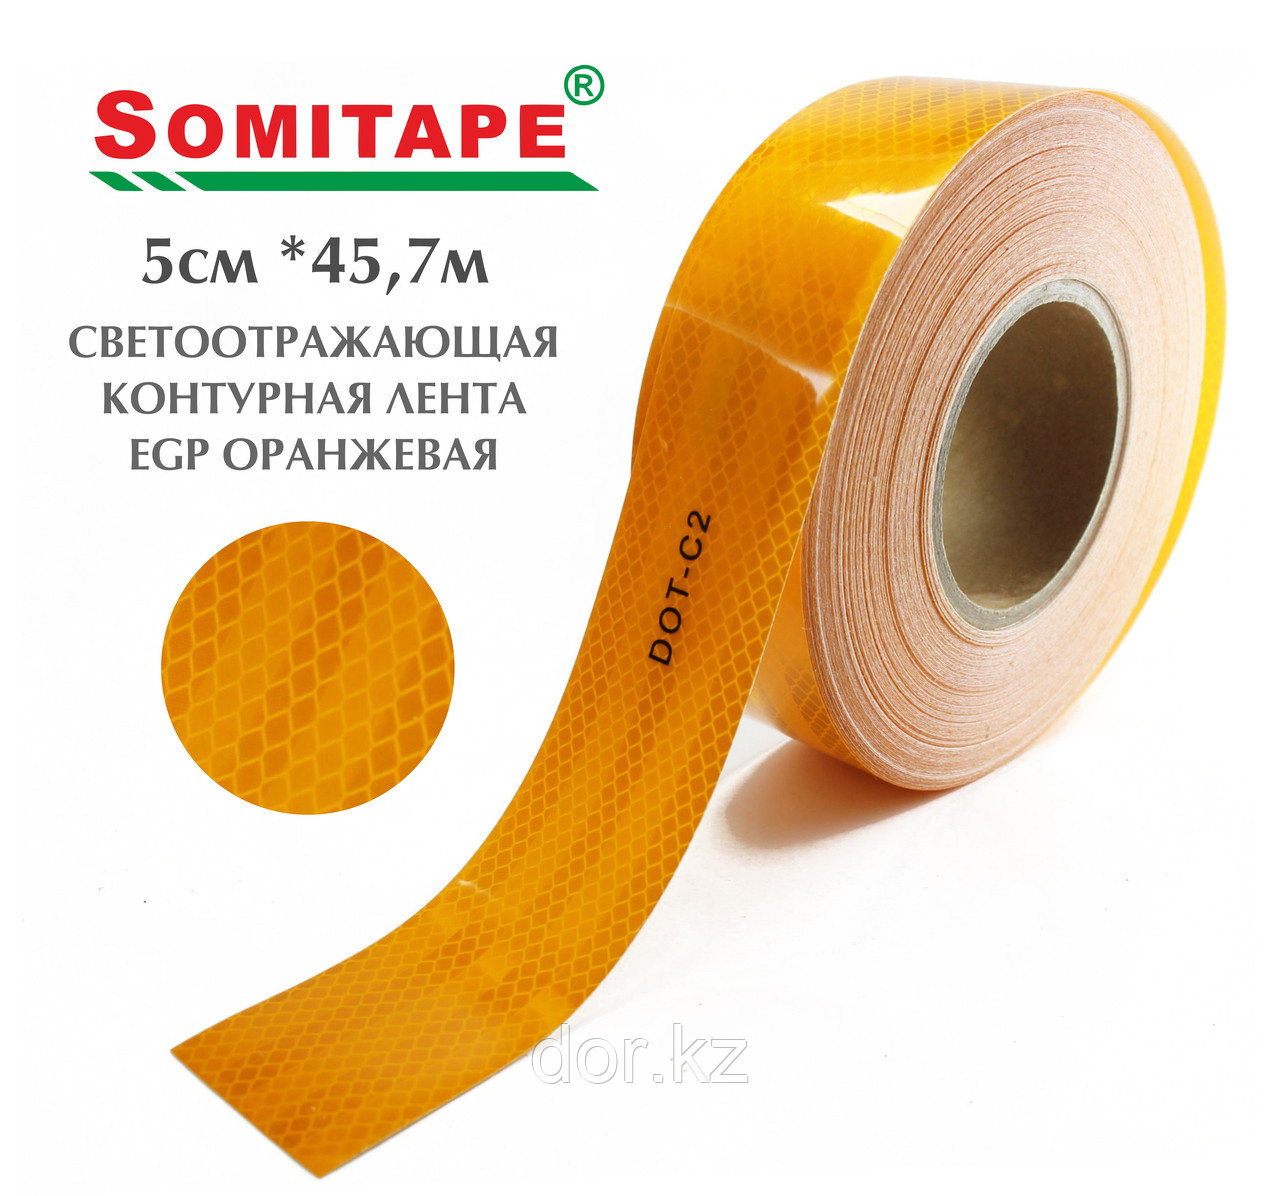 Светоотражающая контурная лента EGP оранжевая (5смХ45,7м) +77079960093